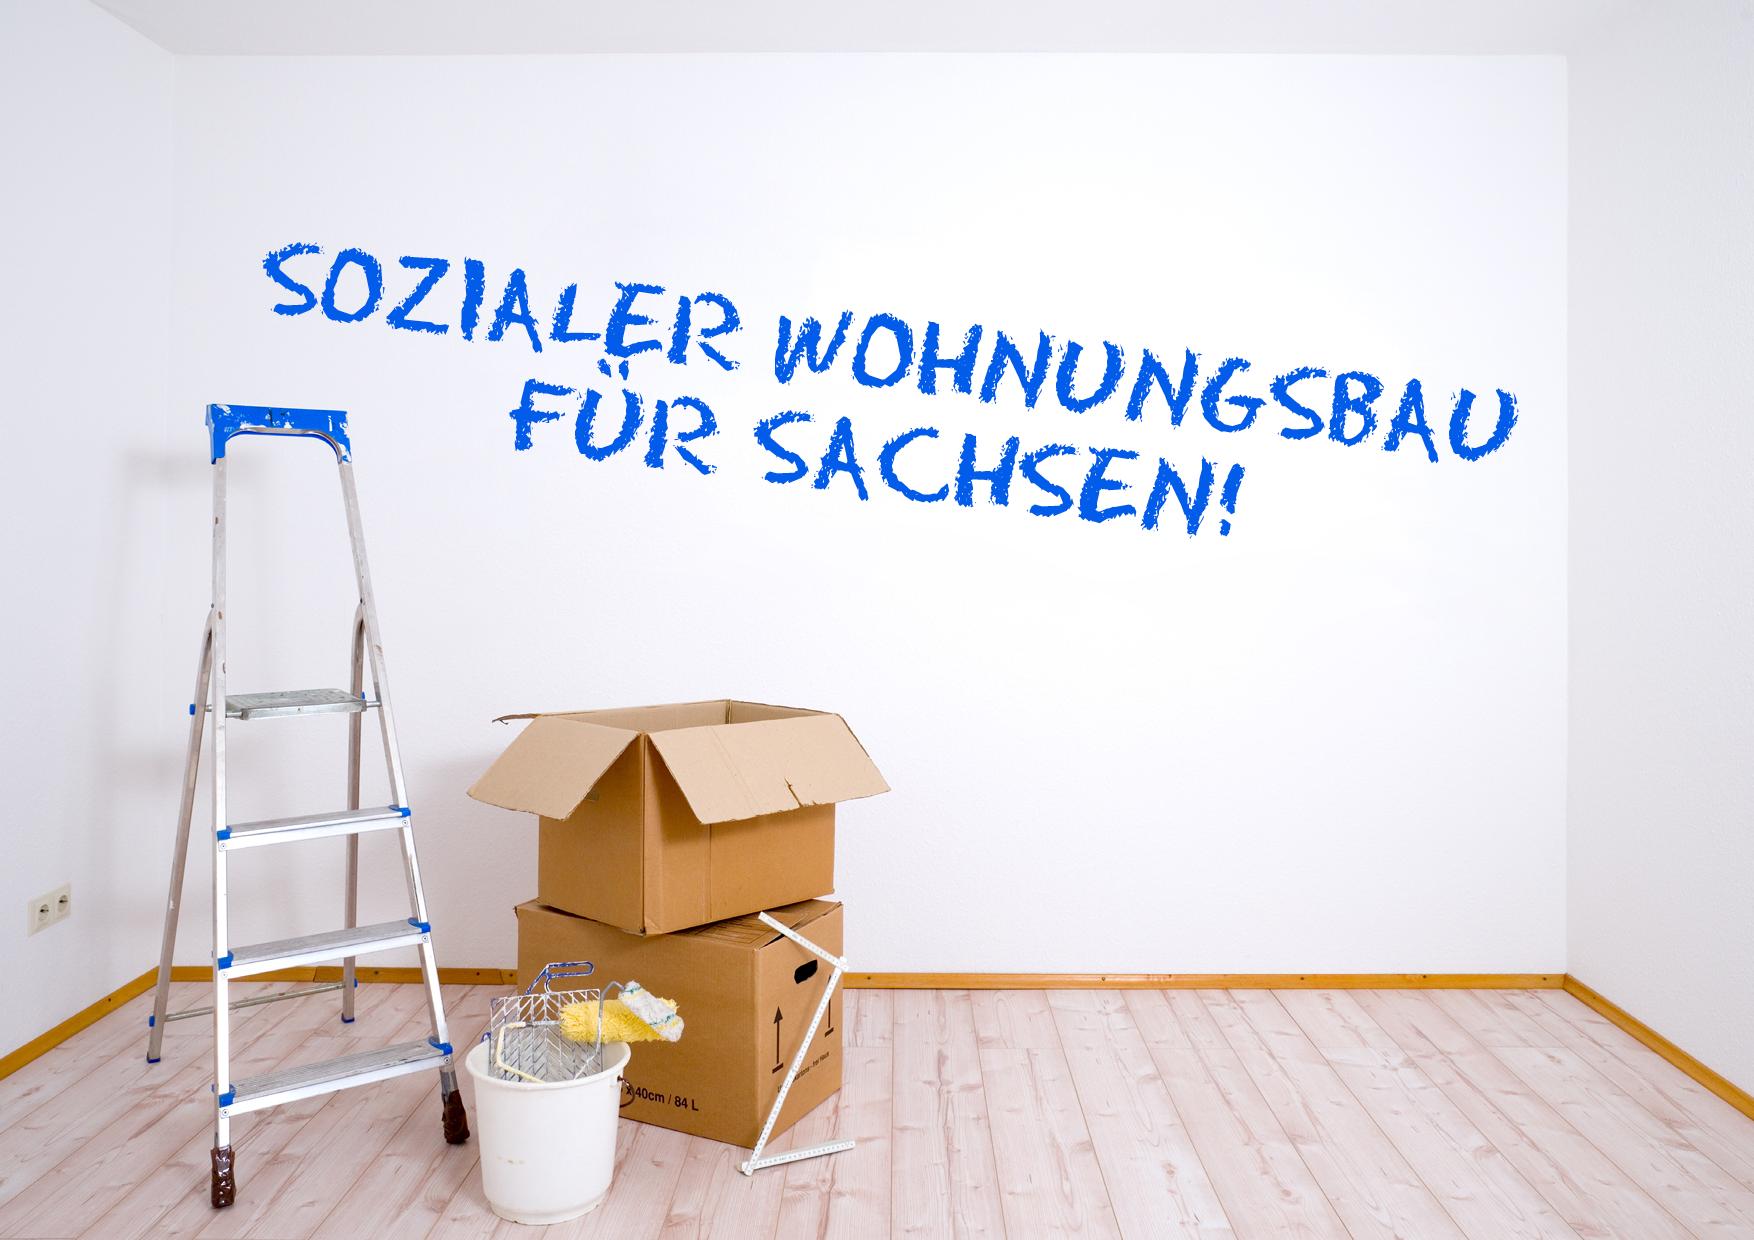 Sozialen Wohnungsbau in Sachsen ausbauen – Bundesgelder helfen